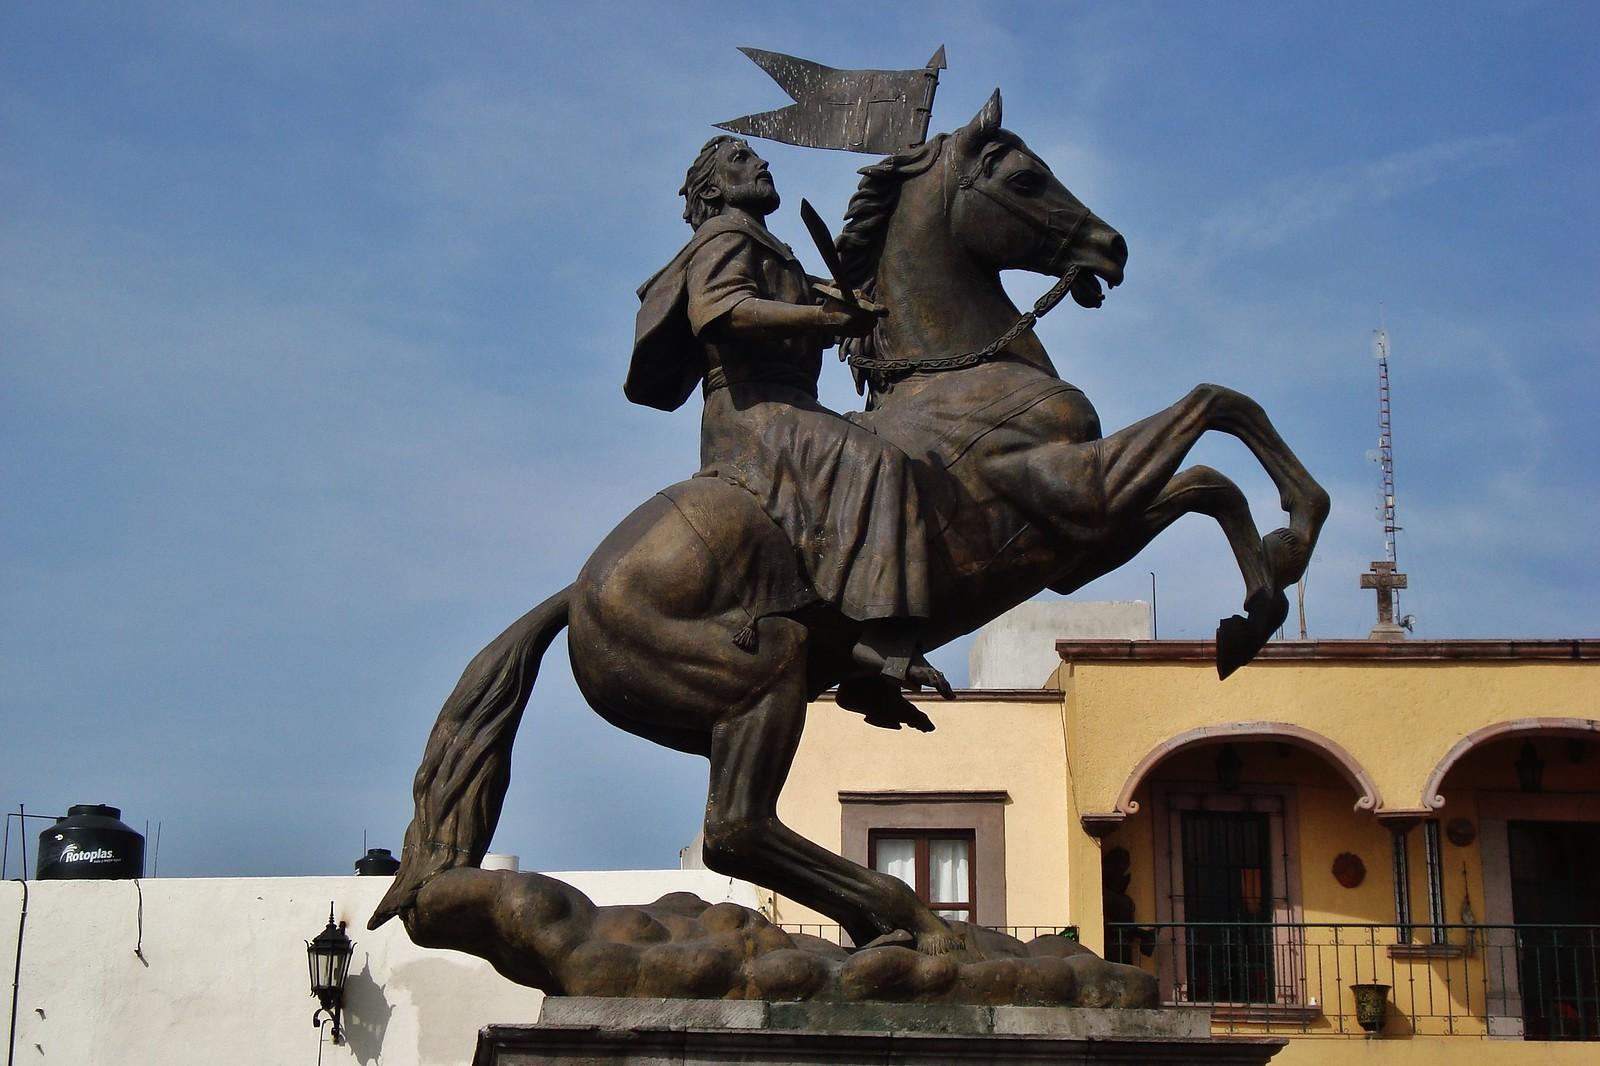 Statue of Santiago Matamoros, ?, Santiago de Querétaro, Querétaro, México